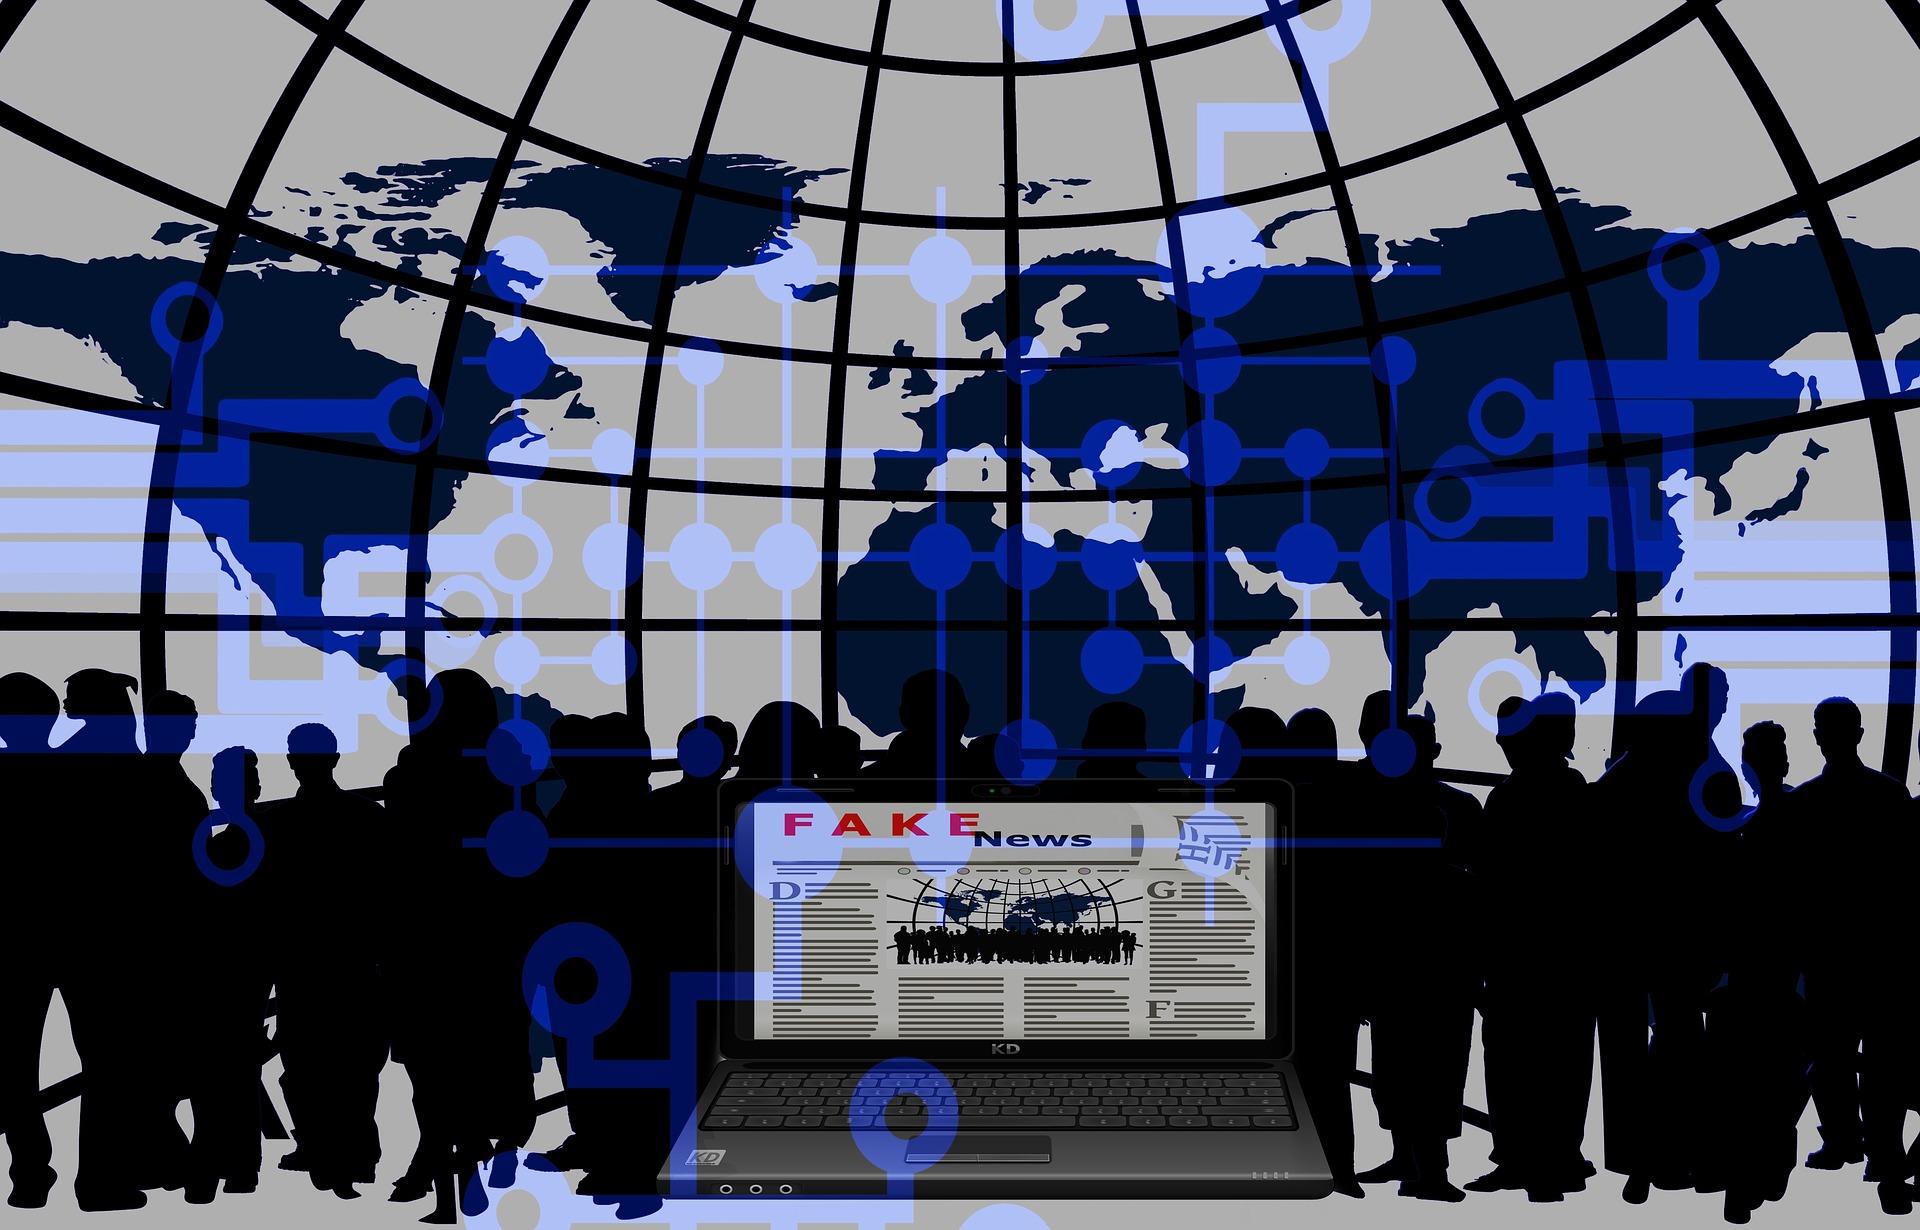 I social media minacciano i media tradizionali: un problema da risolvere?